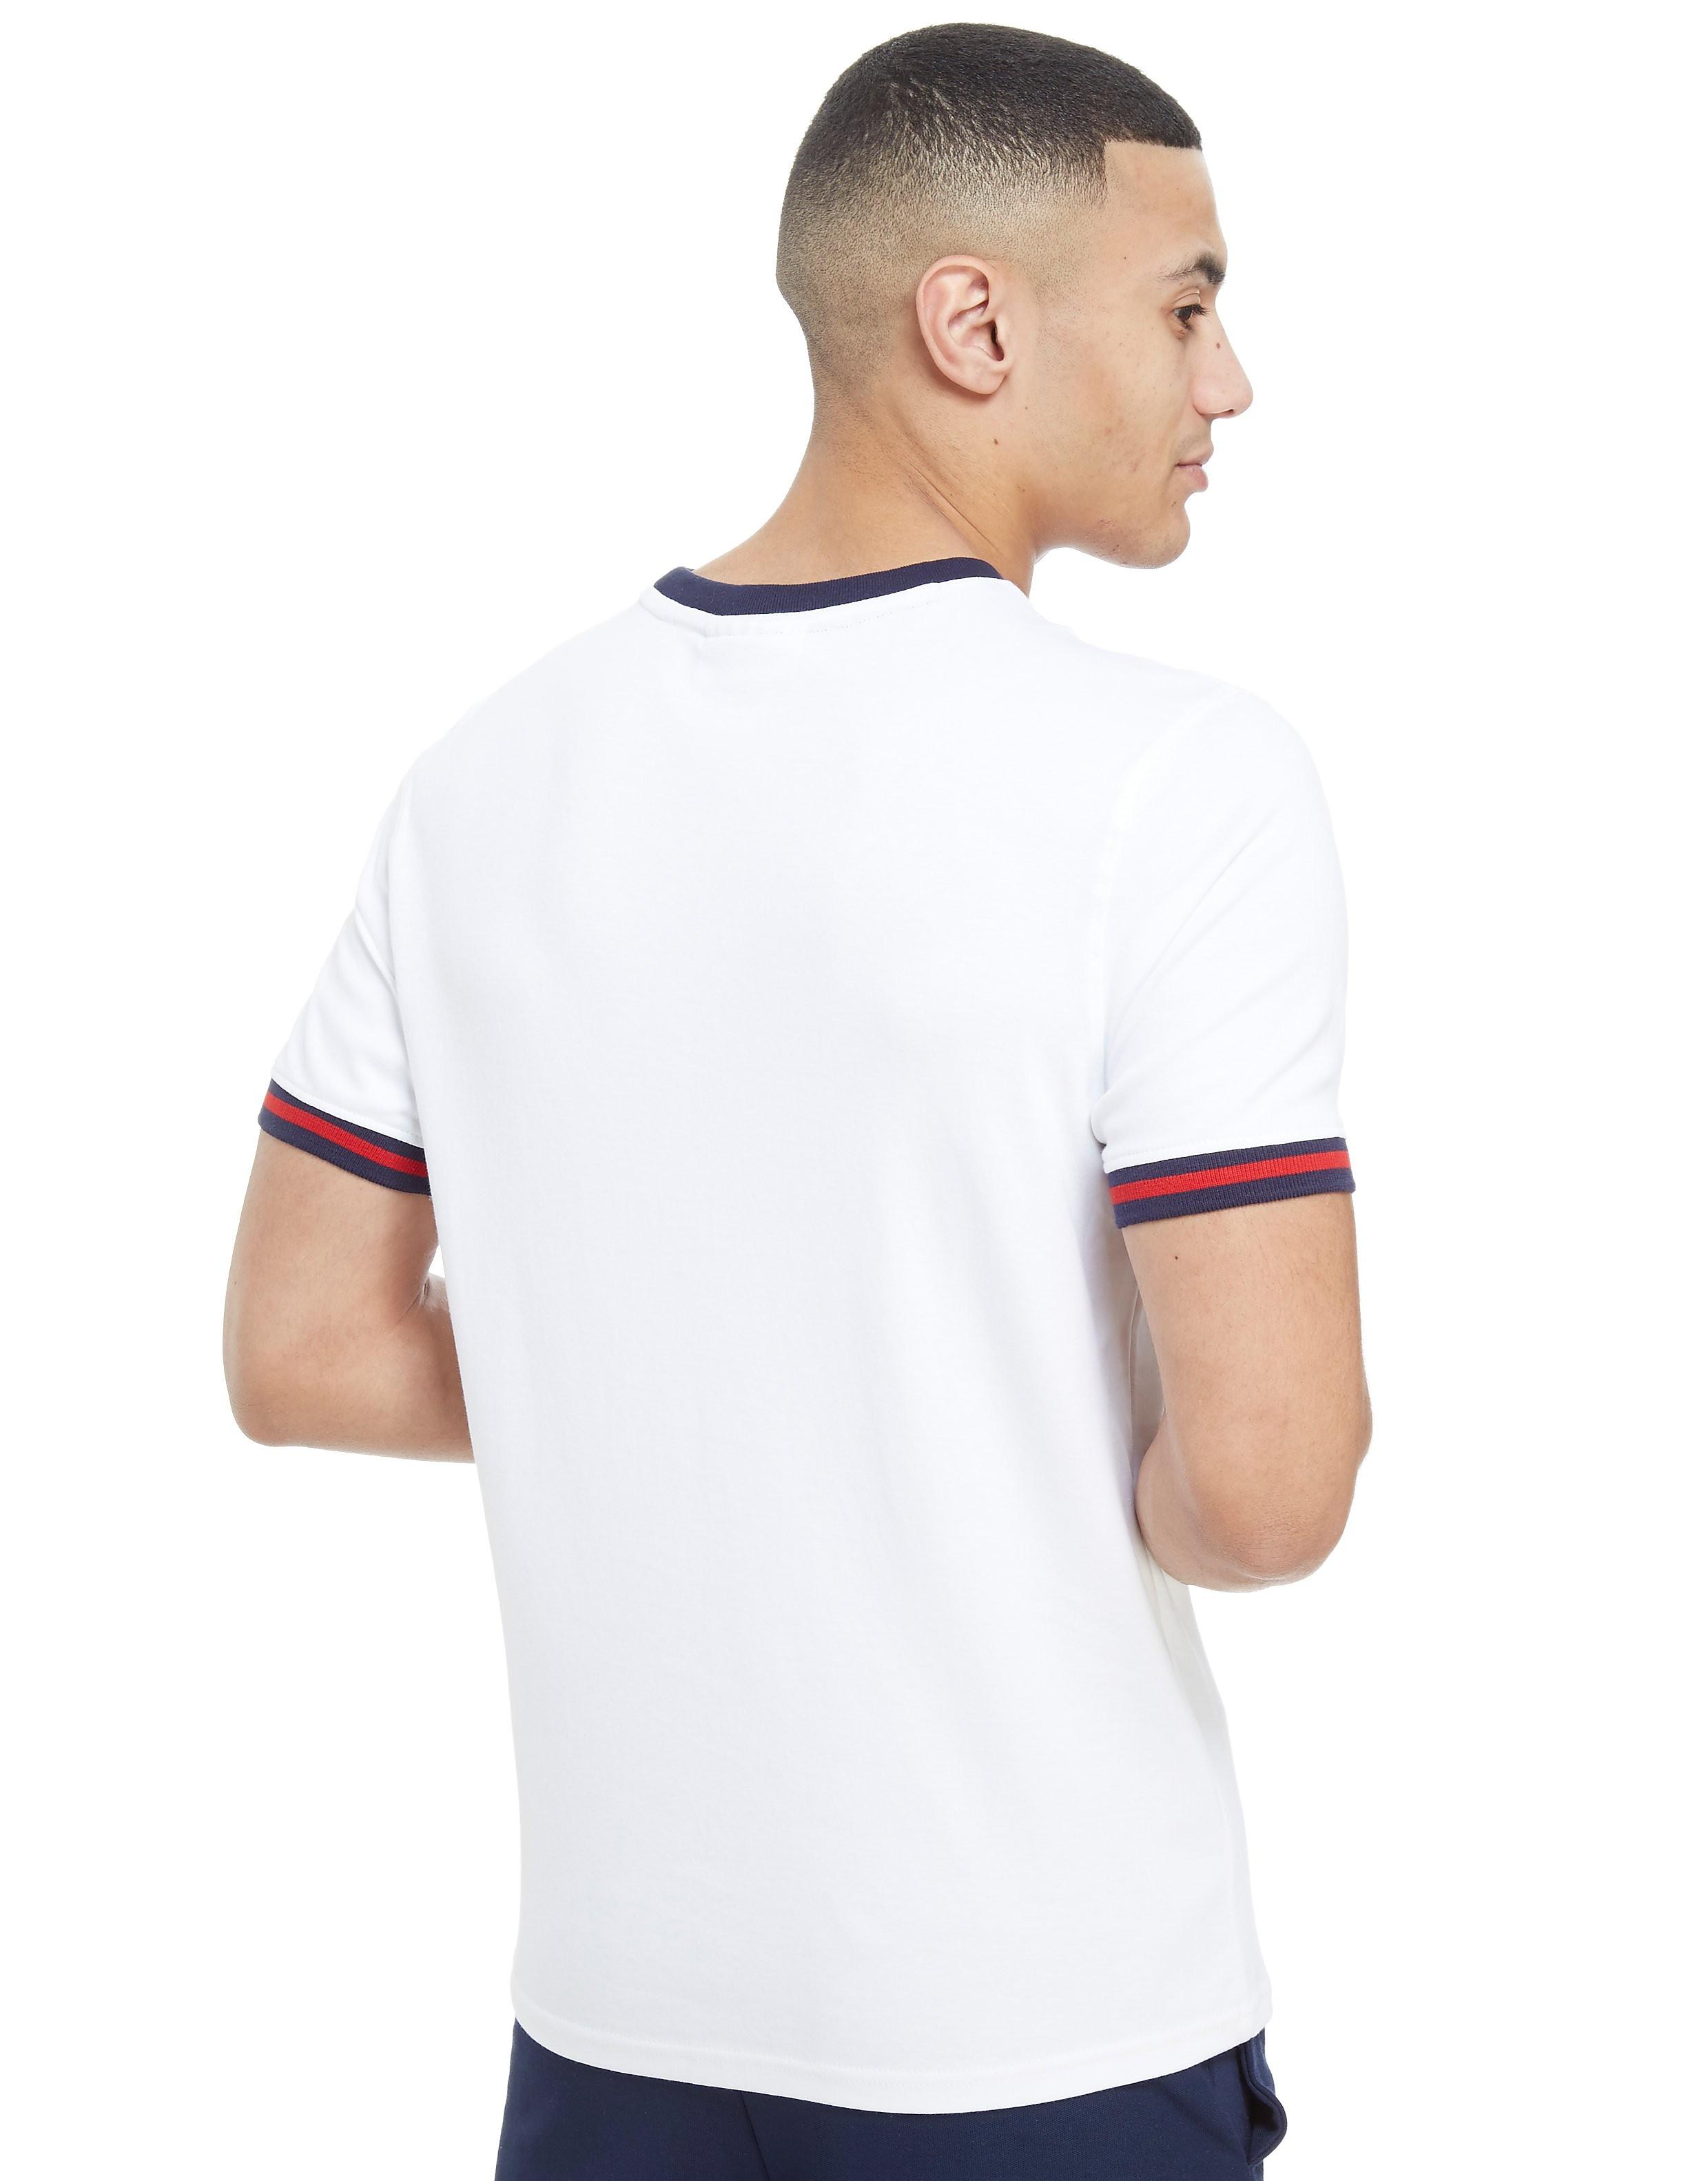 Fila T-shirt Leondro Homme